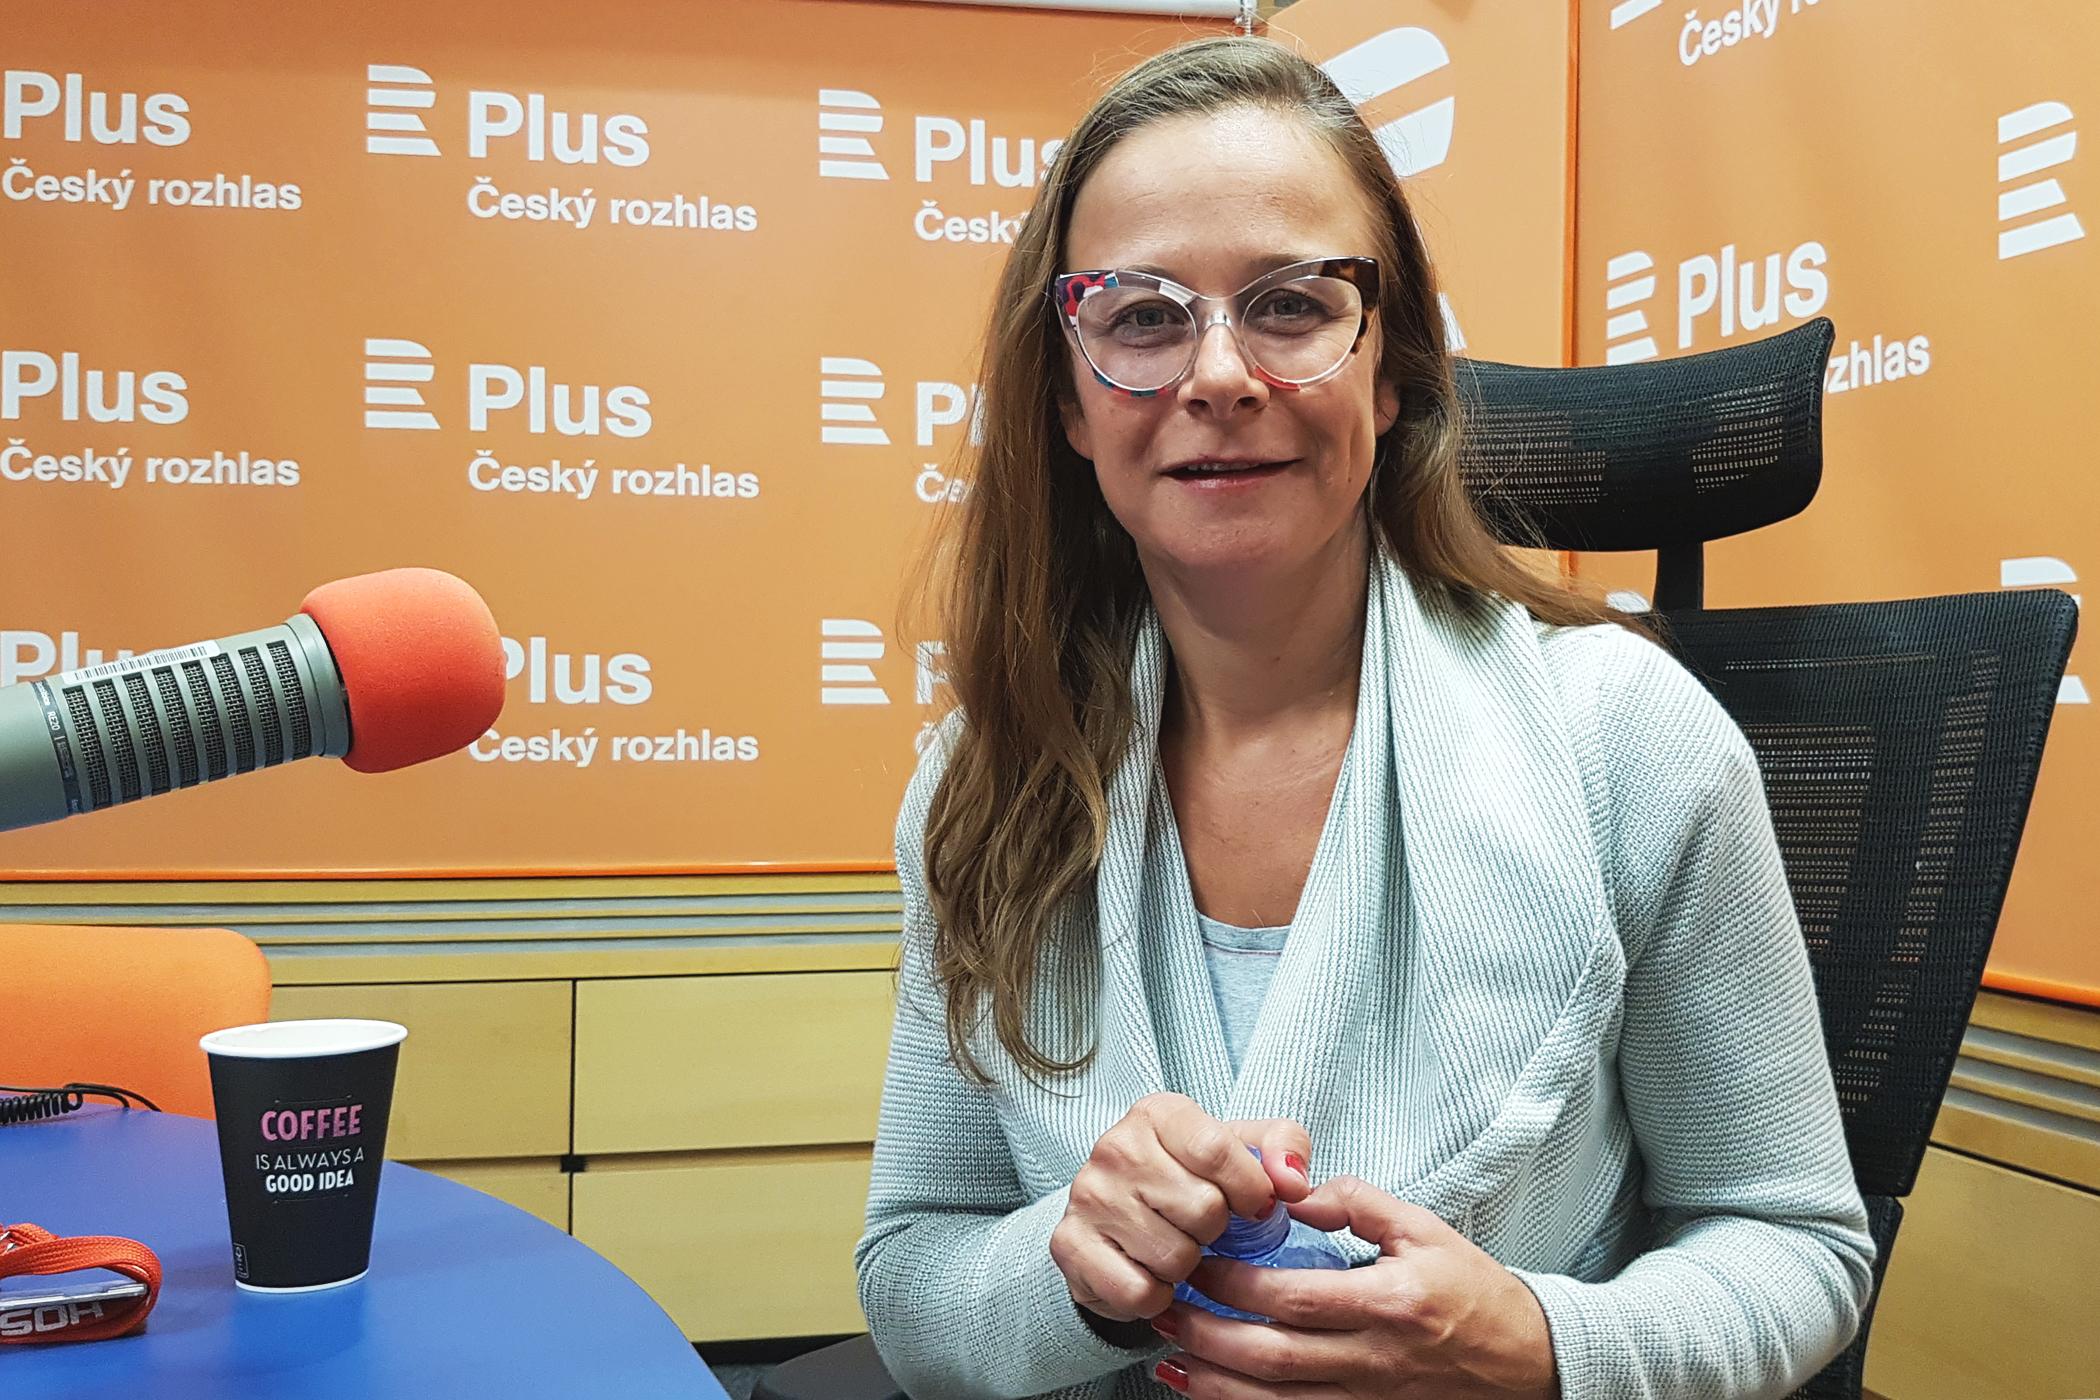 Petra Špalková